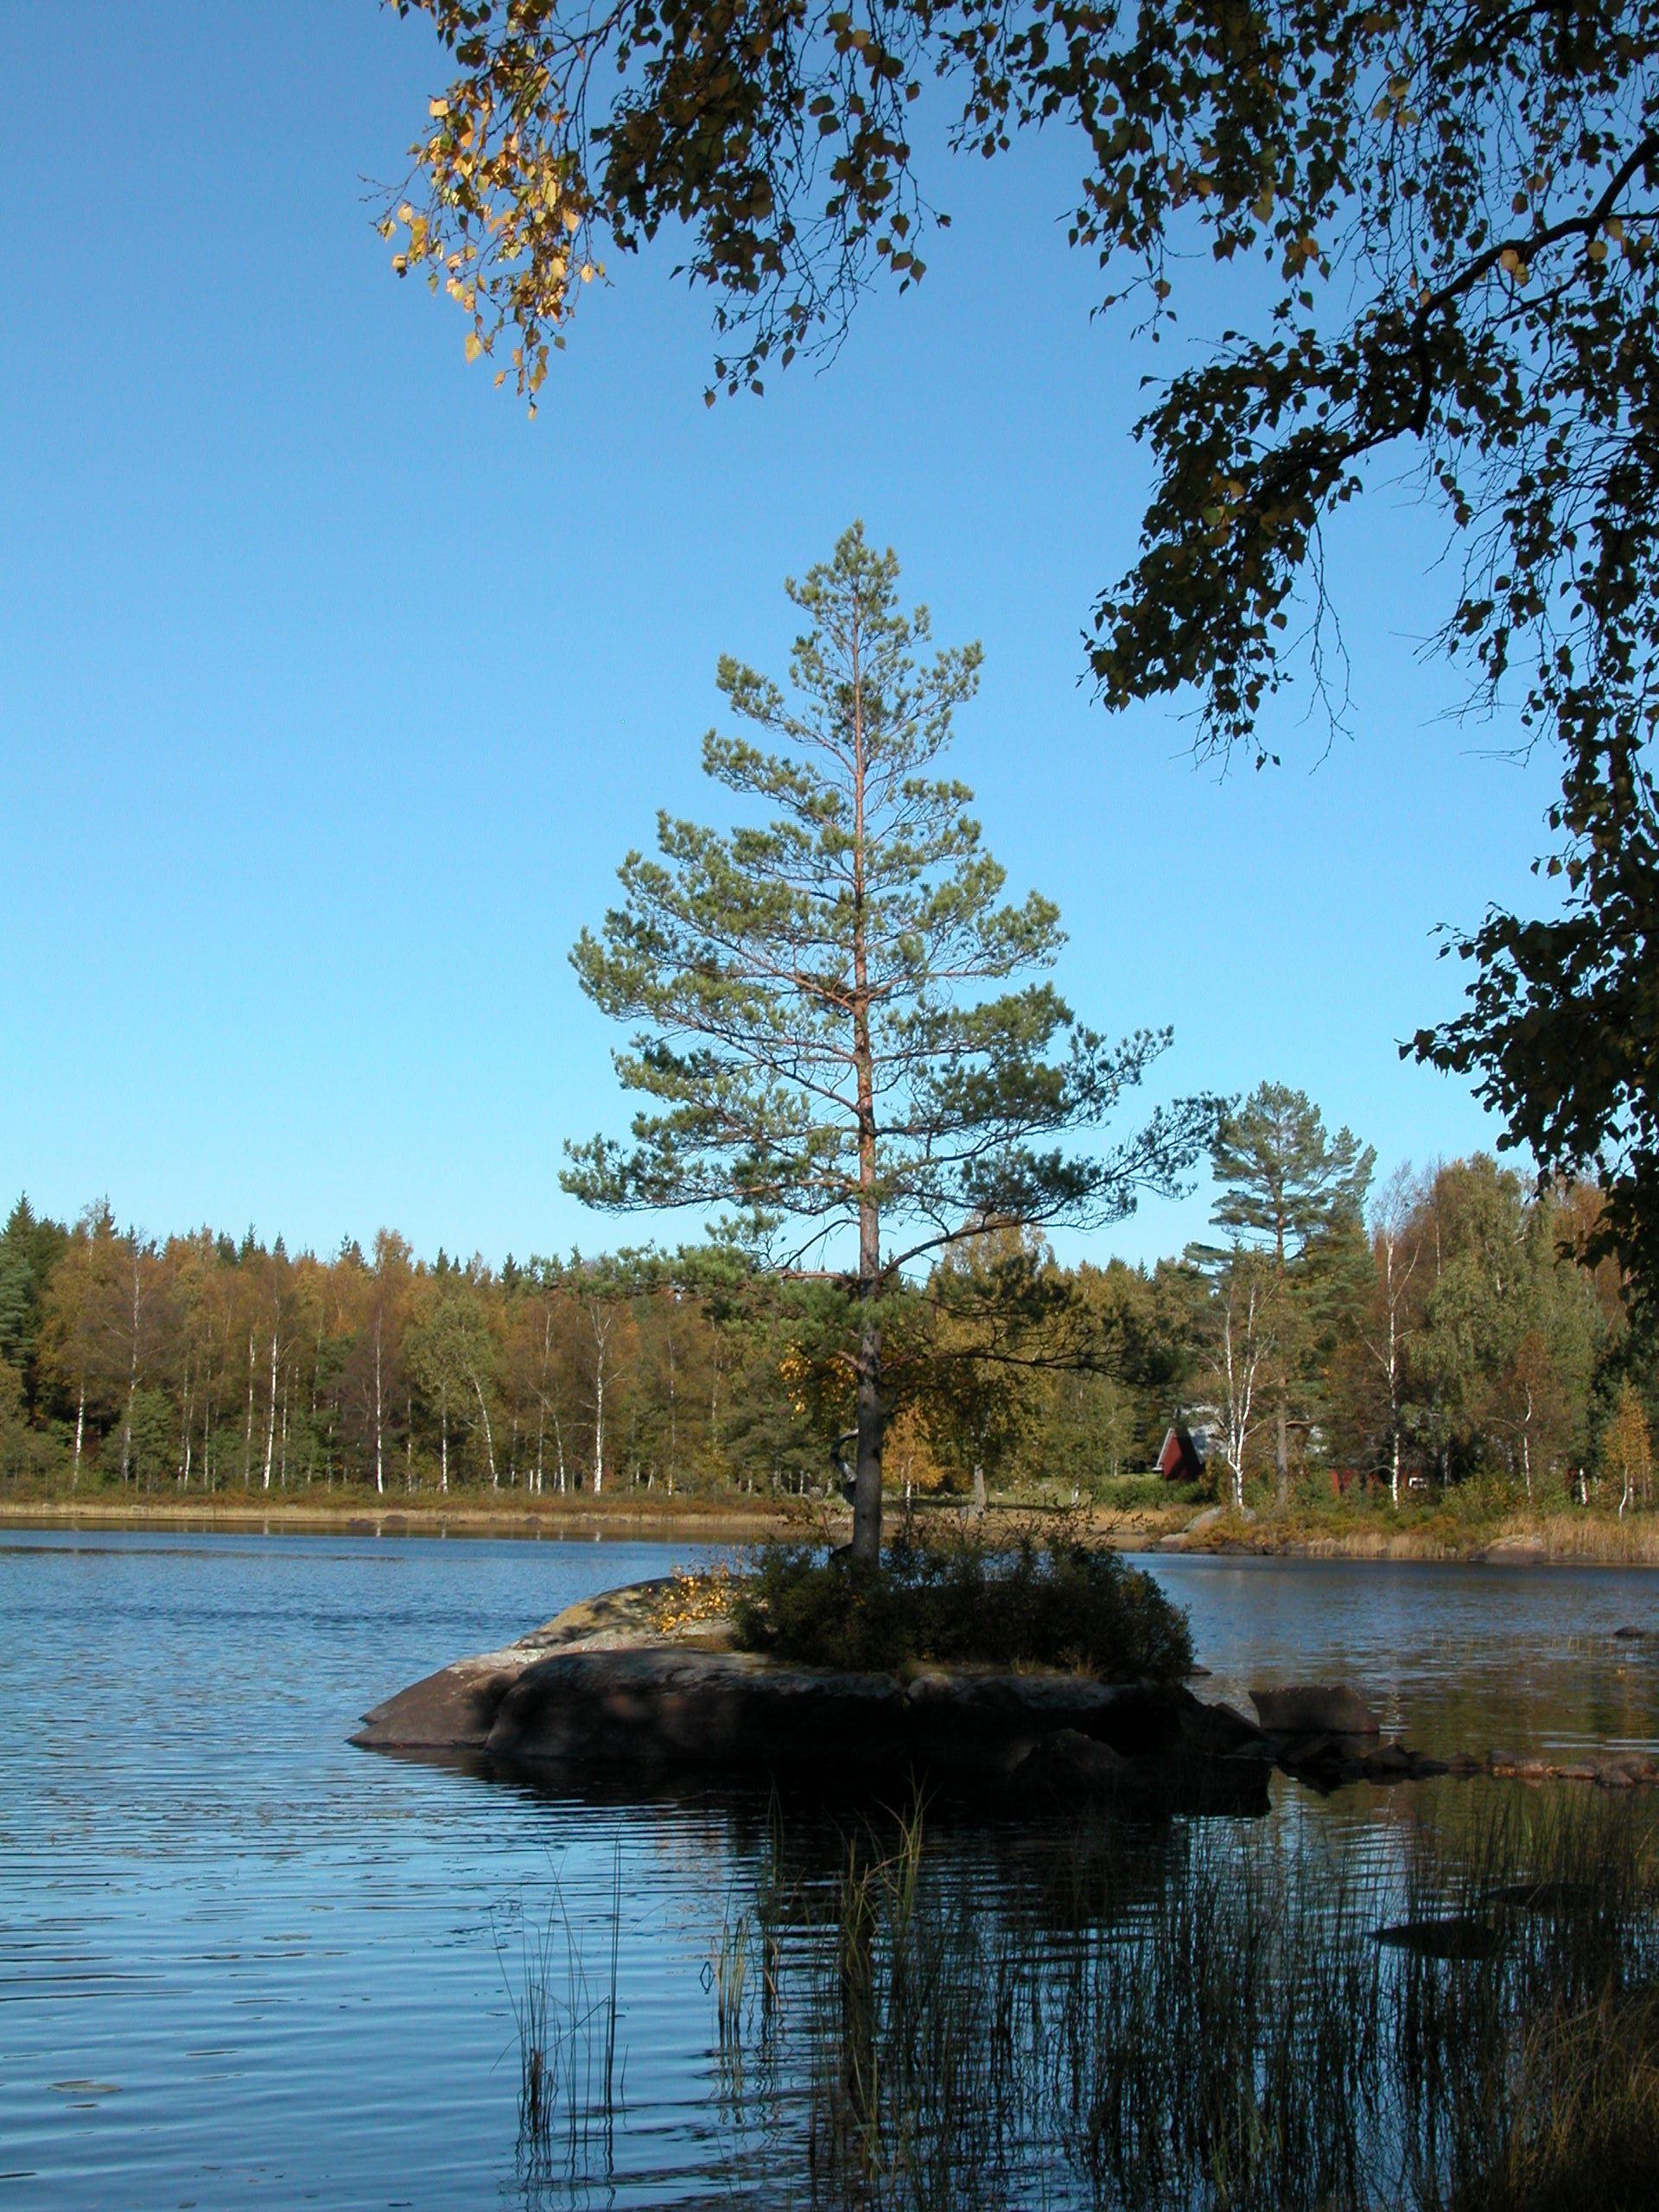 Per Olof Peterson, Iglasjö See